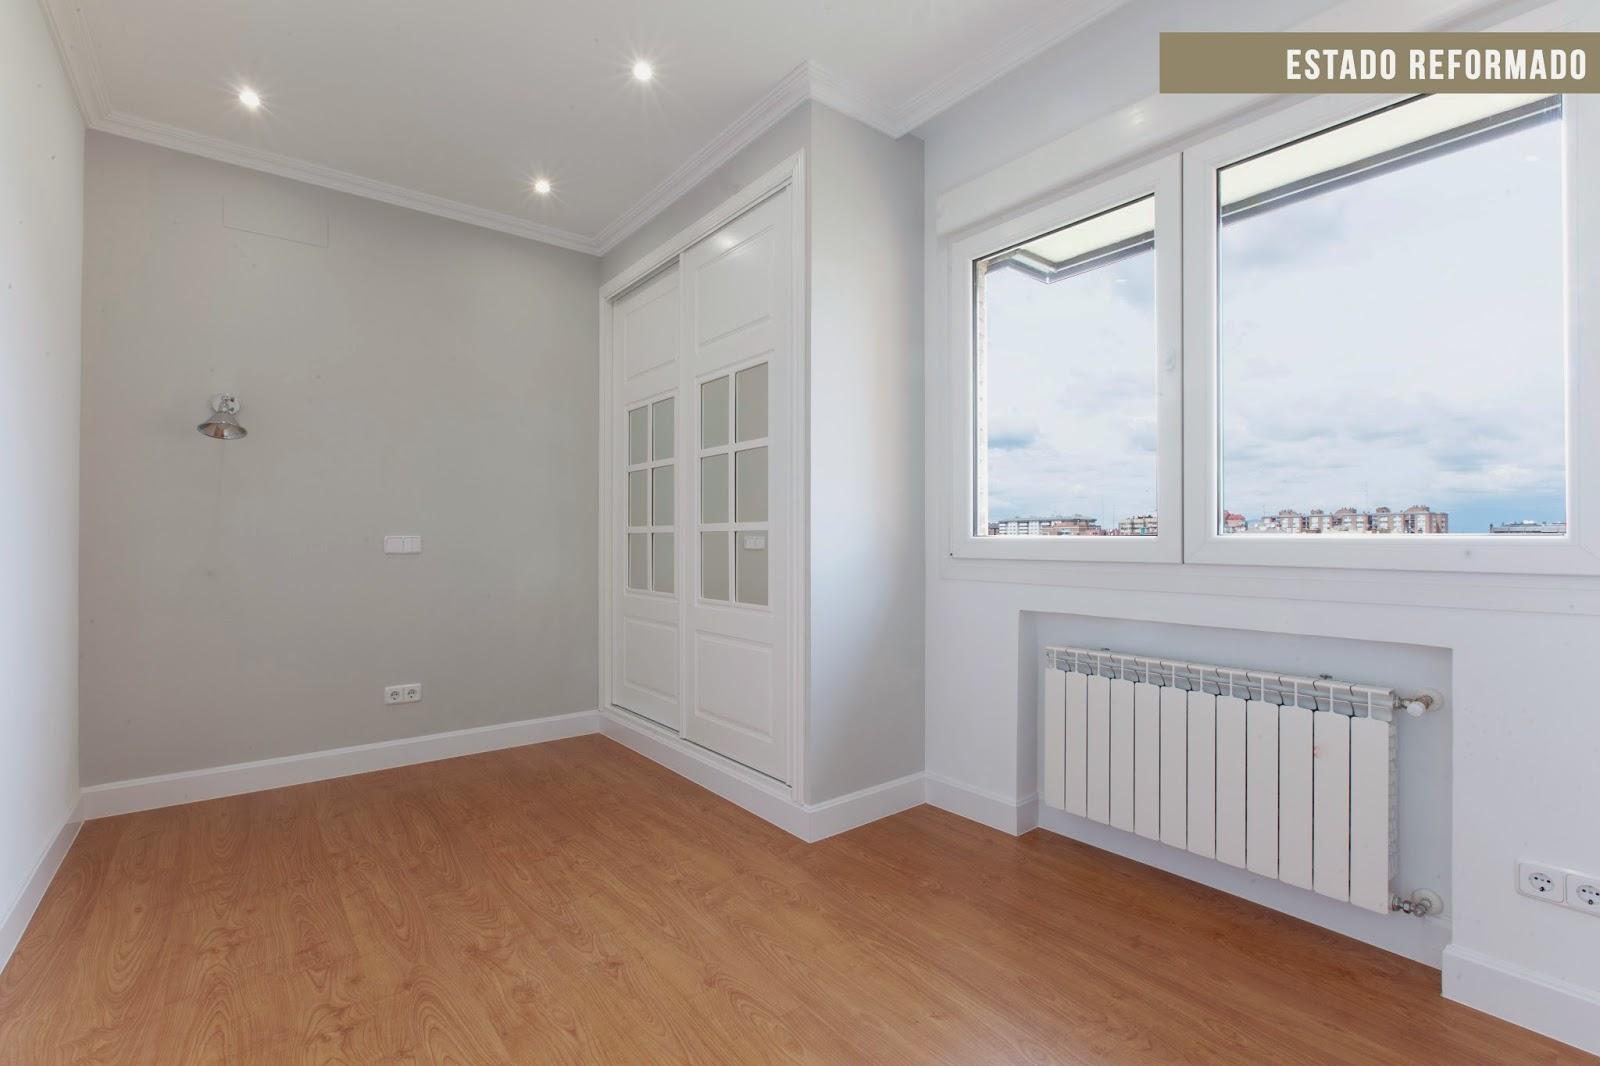 Reforma integral antes y despu s de una vivienda para una familia de 4 decoraci n - Rodapies altos ...